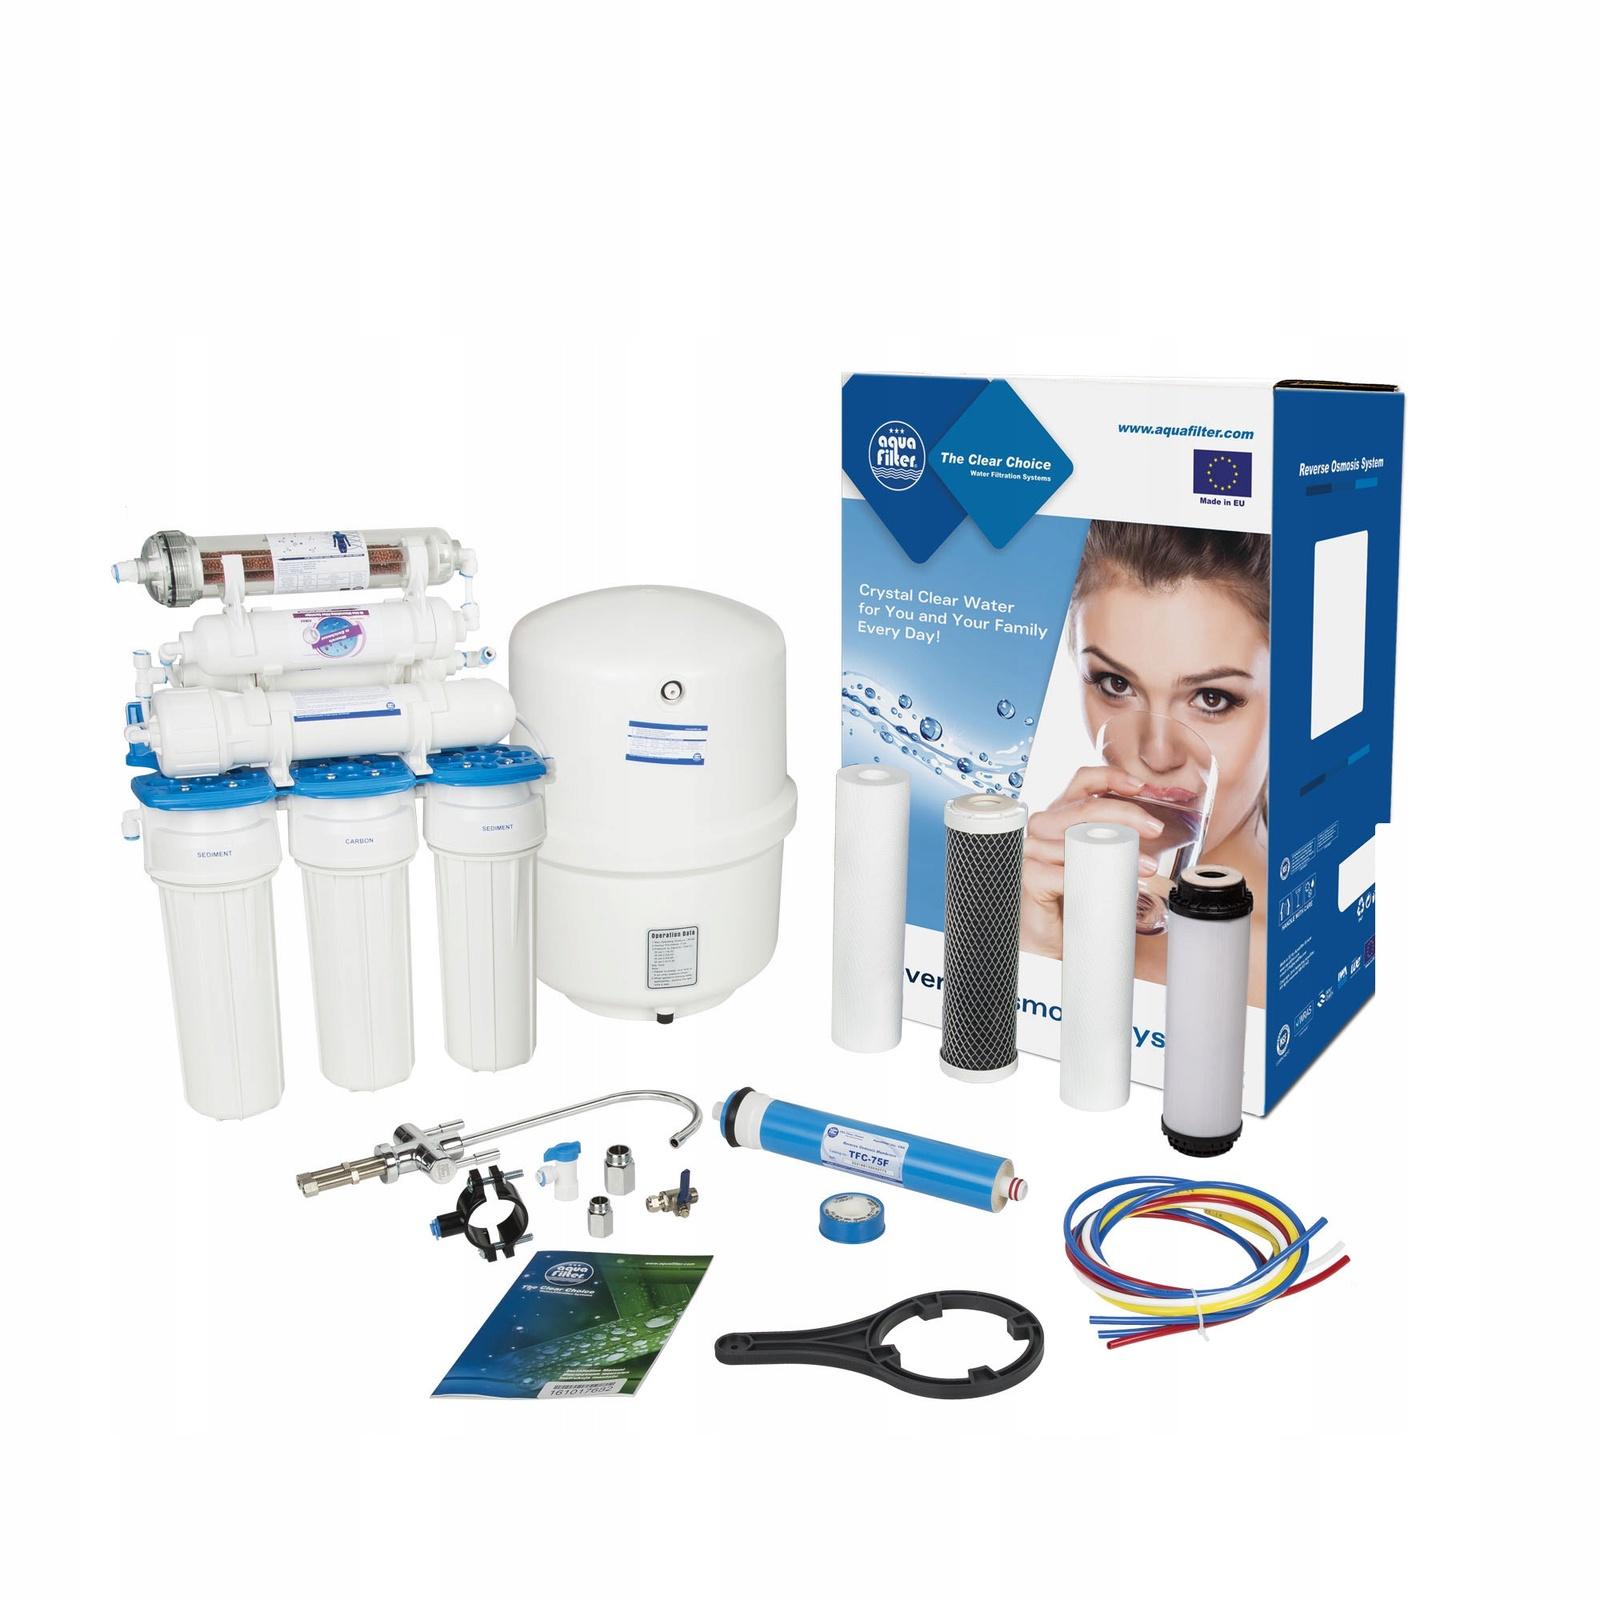 Семиступенчатая система обратного осмоса, комплексная очистка, удаление вирусов и бактерий Aquafilter RX75259516, 520